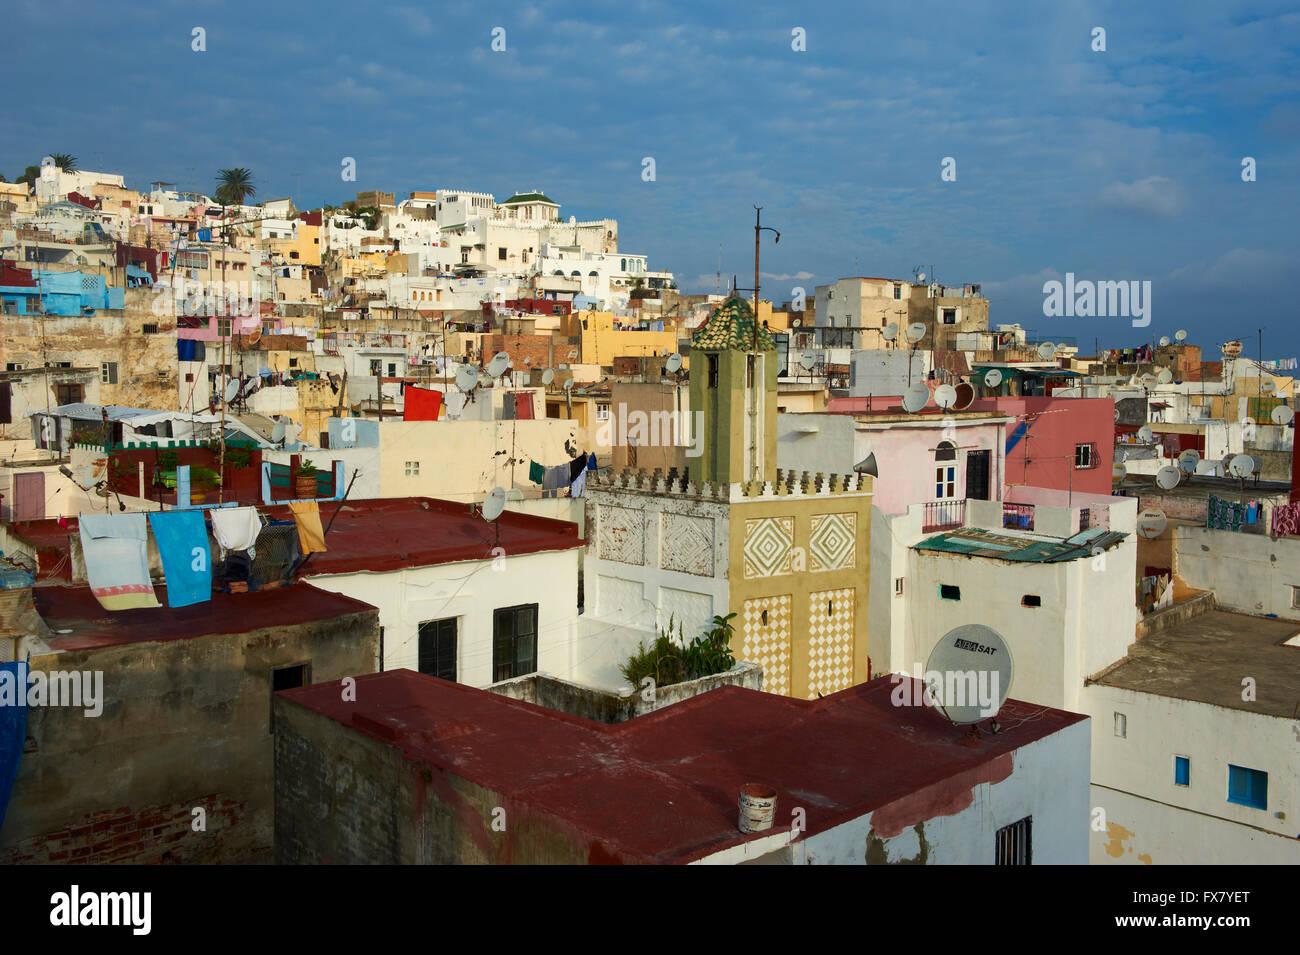 Il Marocco, Tangeri, Medina, la città vecchia Immagini Stock